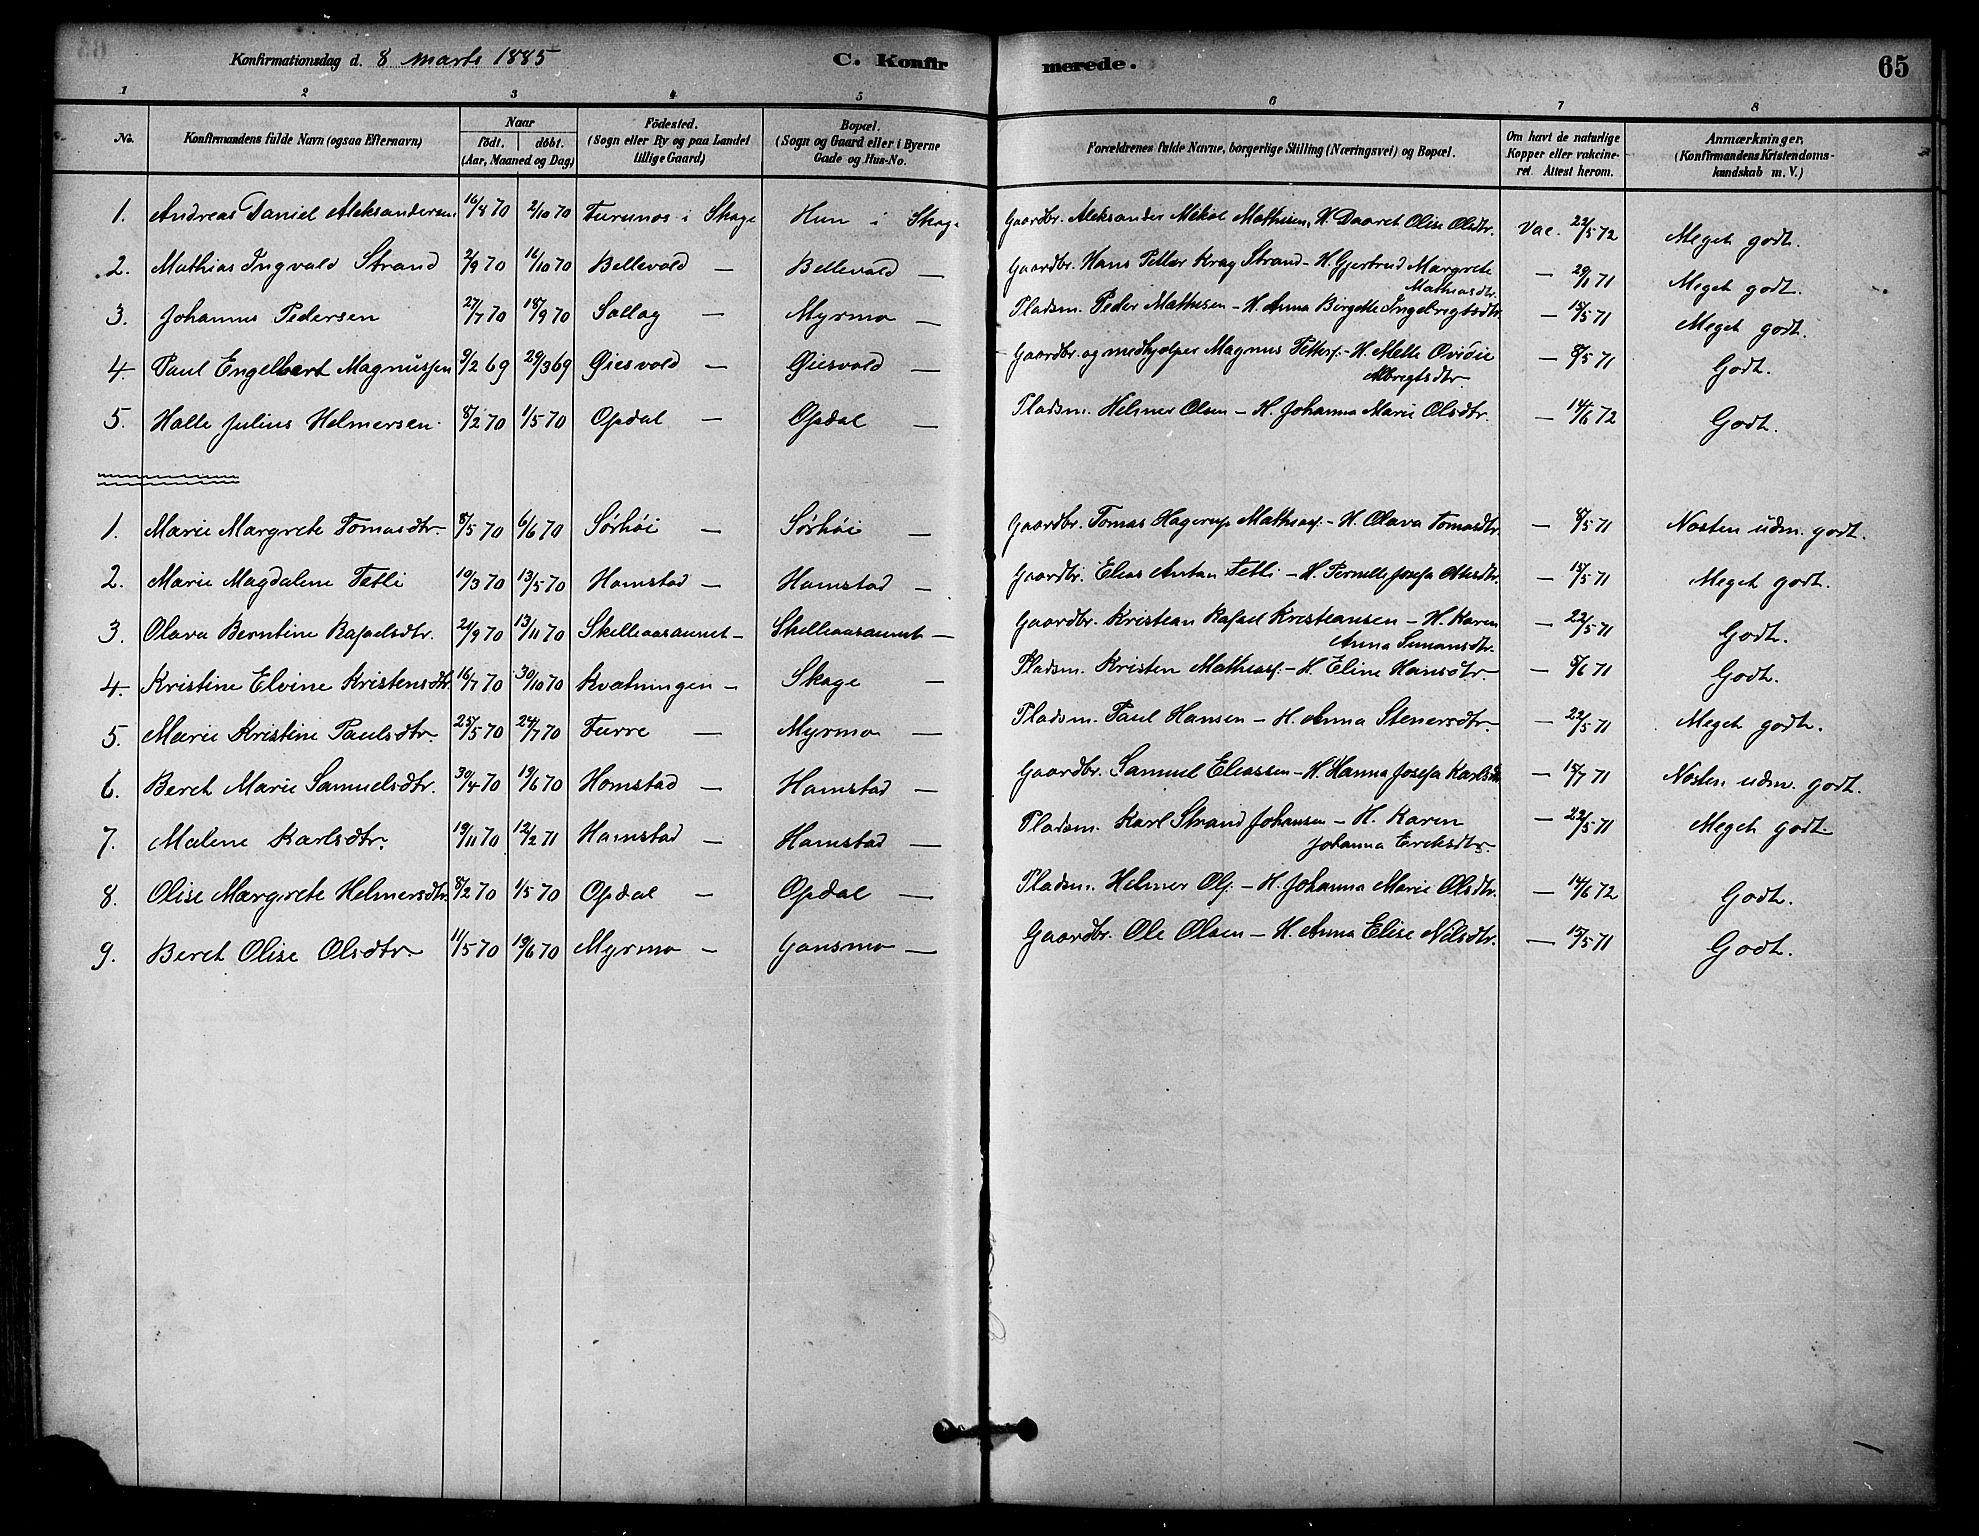 SAT, Ministerialprotokoller, klokkerbøker og fødselsregistre - Nord-Trøndelag, 766/L0563: Ministerialbok nr. 767A01, 1881-1899, s. 65